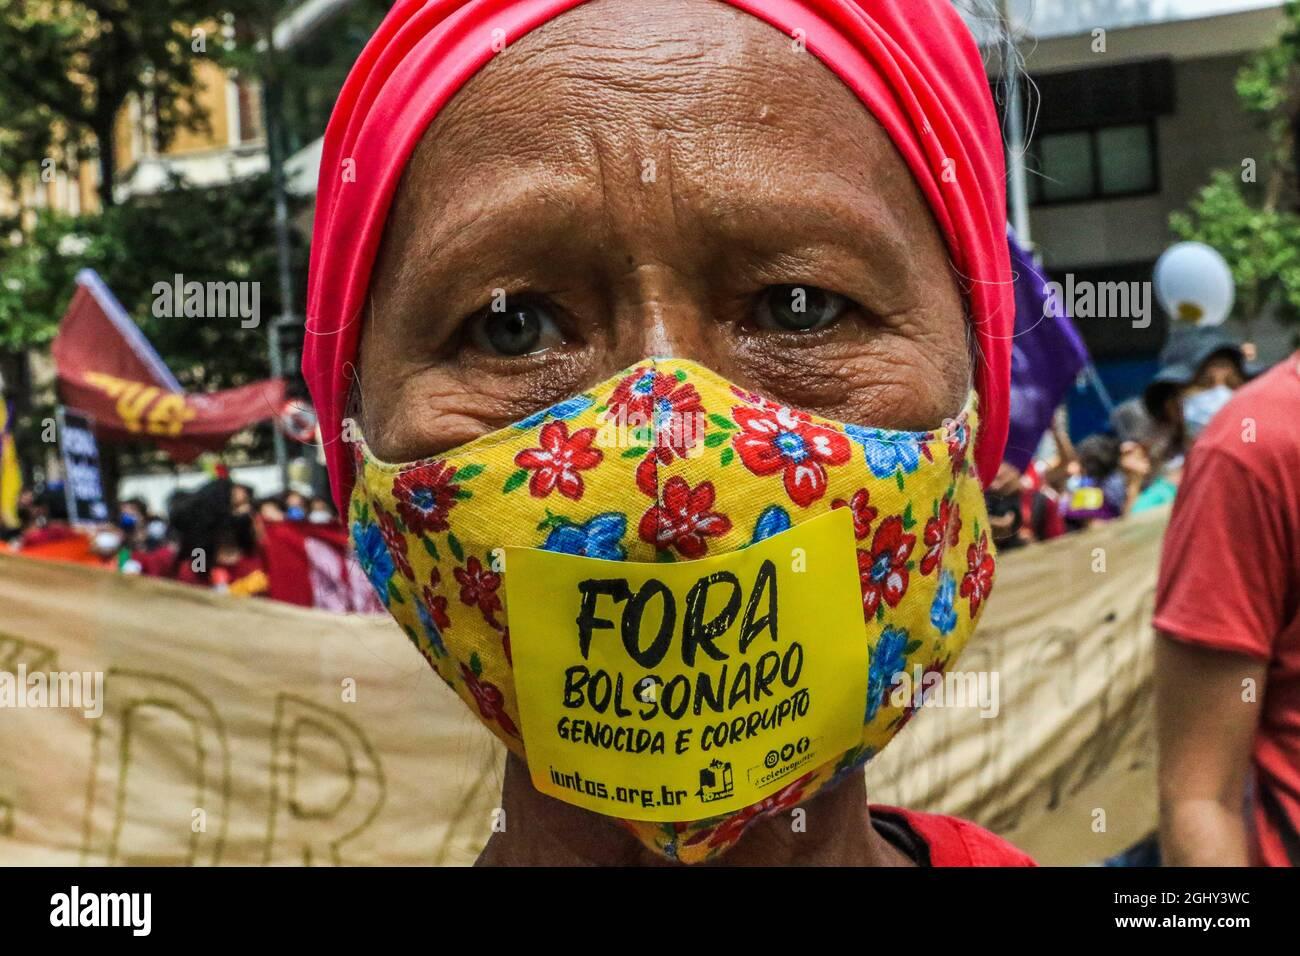 """7. September 2021Rio De Janeiro, Brasilien: Demonstranten während des Unabhängigkeitstages des Landes fordert """"Schrei der Ausgeschlossenen"""" den Rücktritt von Präsident Bolsonaro aus der Regierung. Die Demonstranten fordern mehr Arbeitsplätze und Lebensmittel. (Bild: © Ellan Lustosa/ZUMA Press Wire) Stockfoto"""